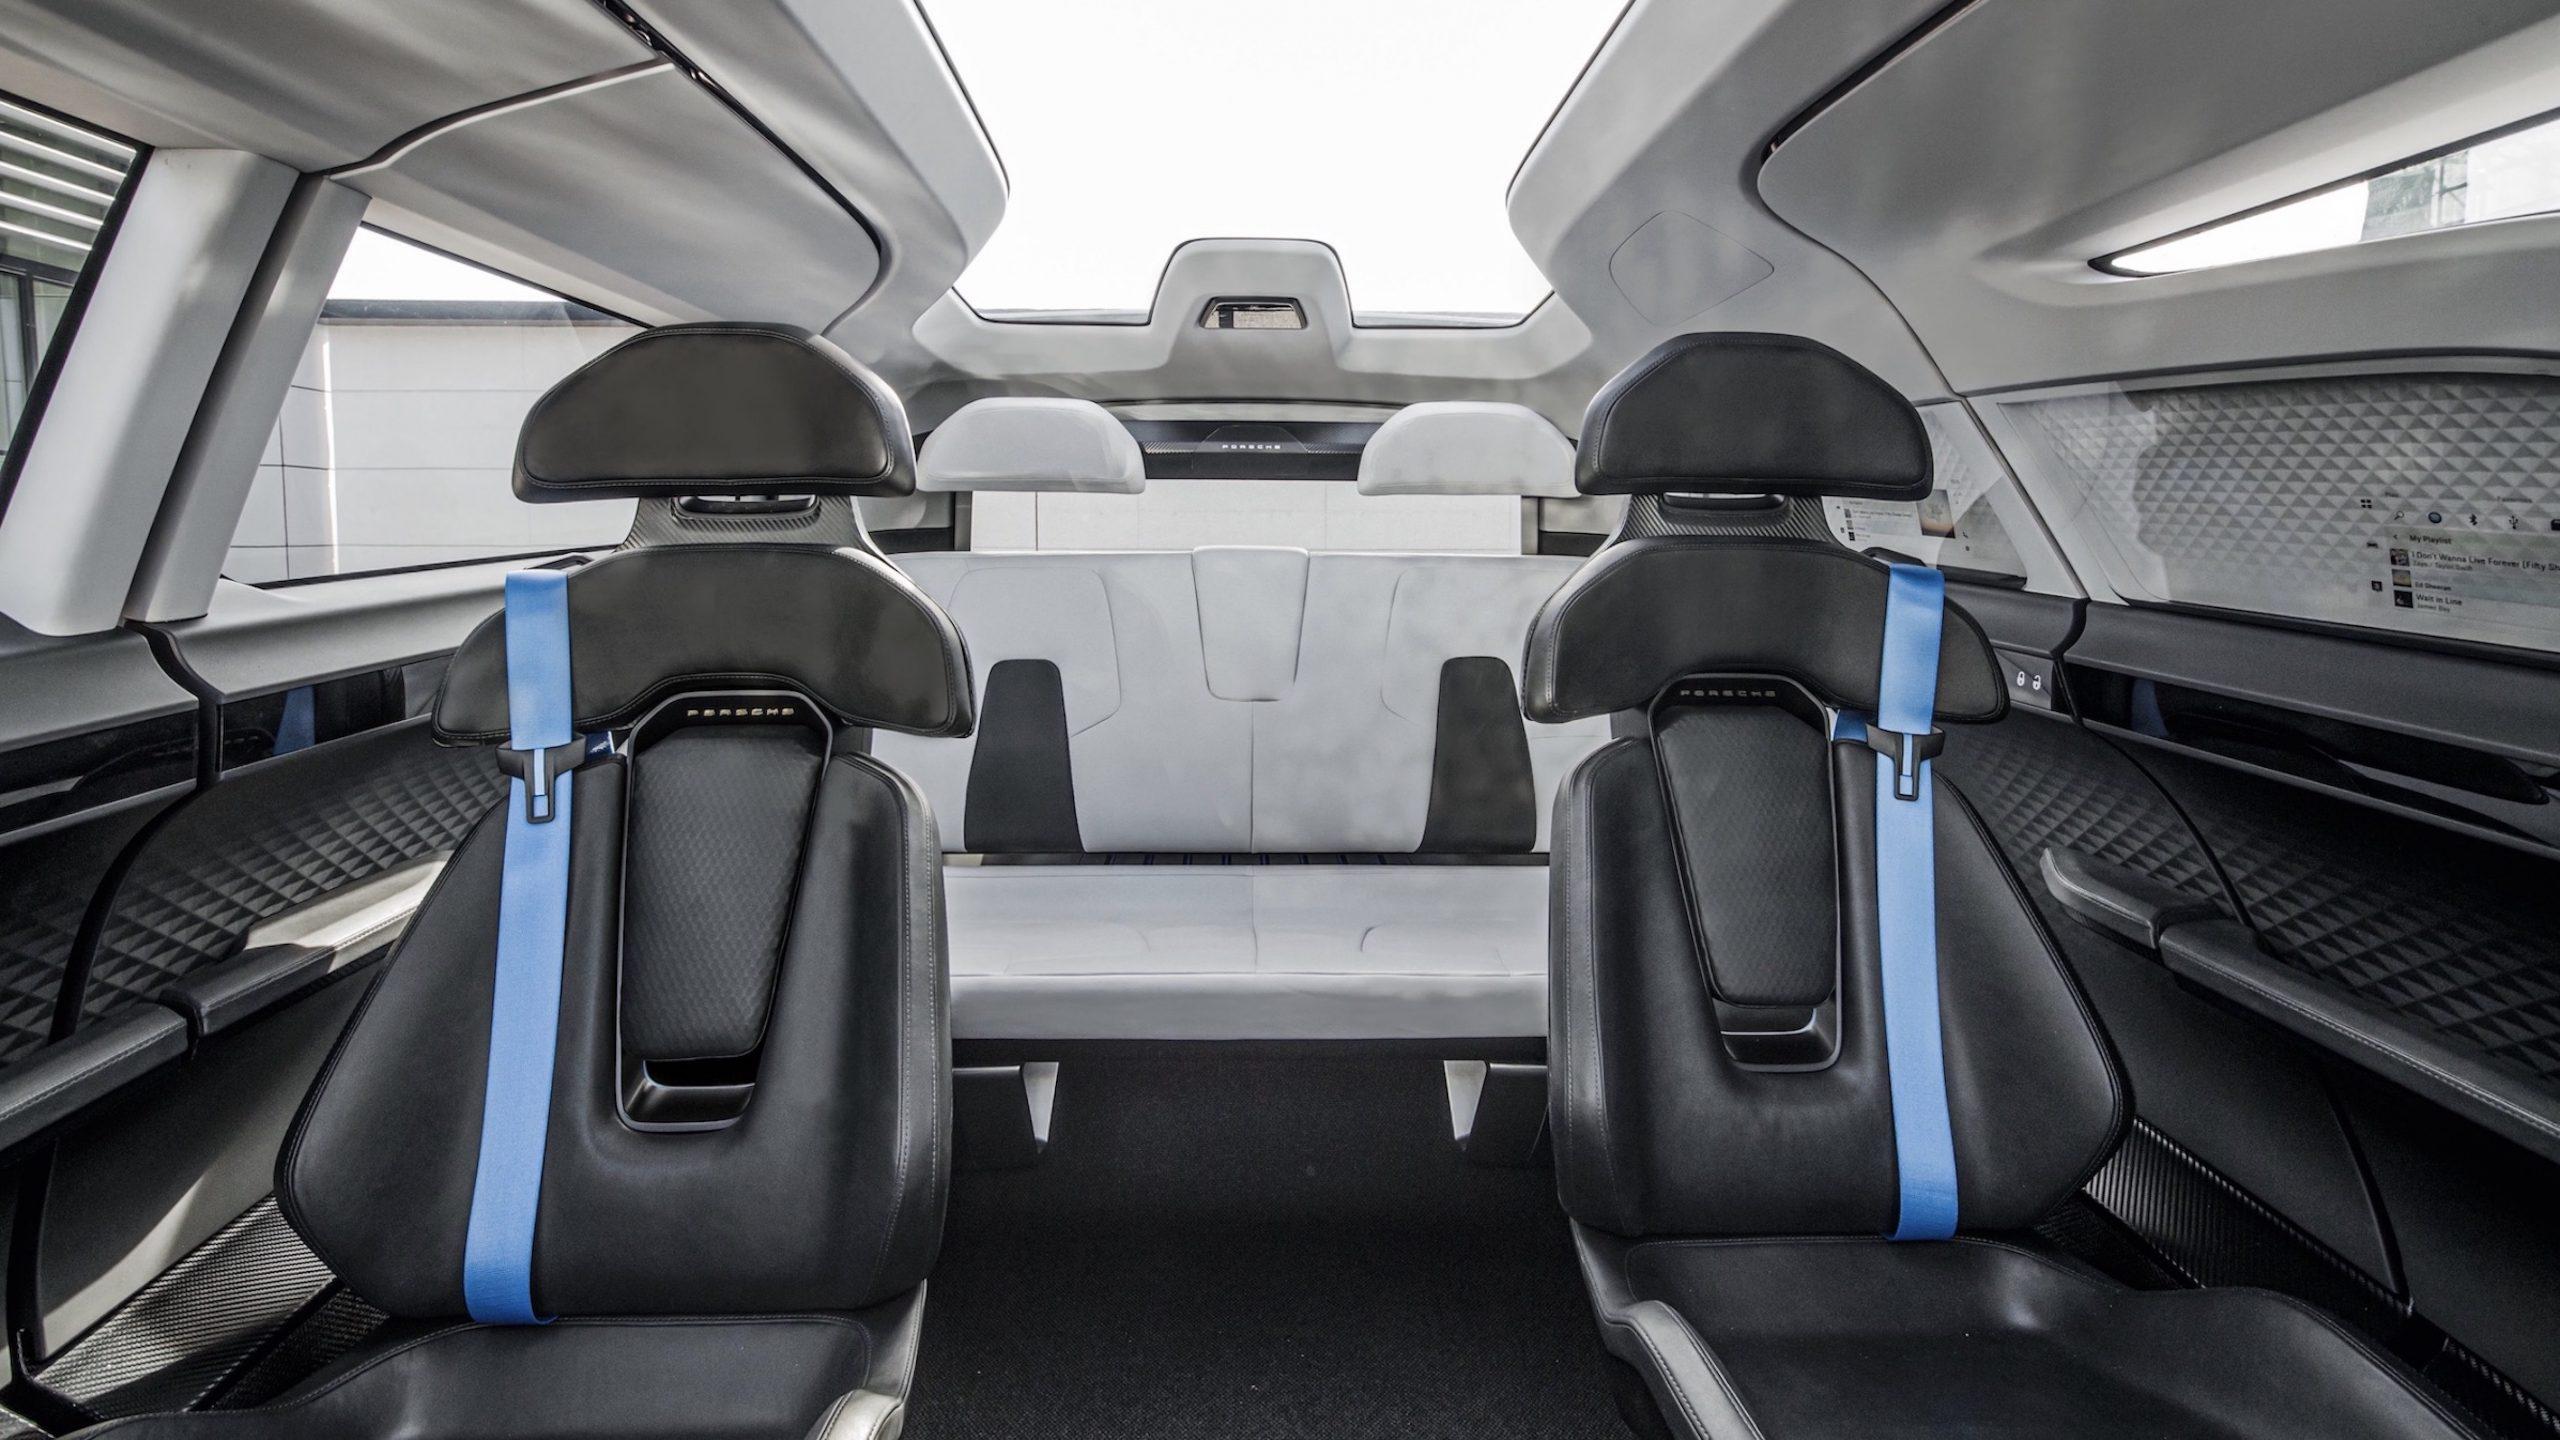 Porsche Renndienst interior